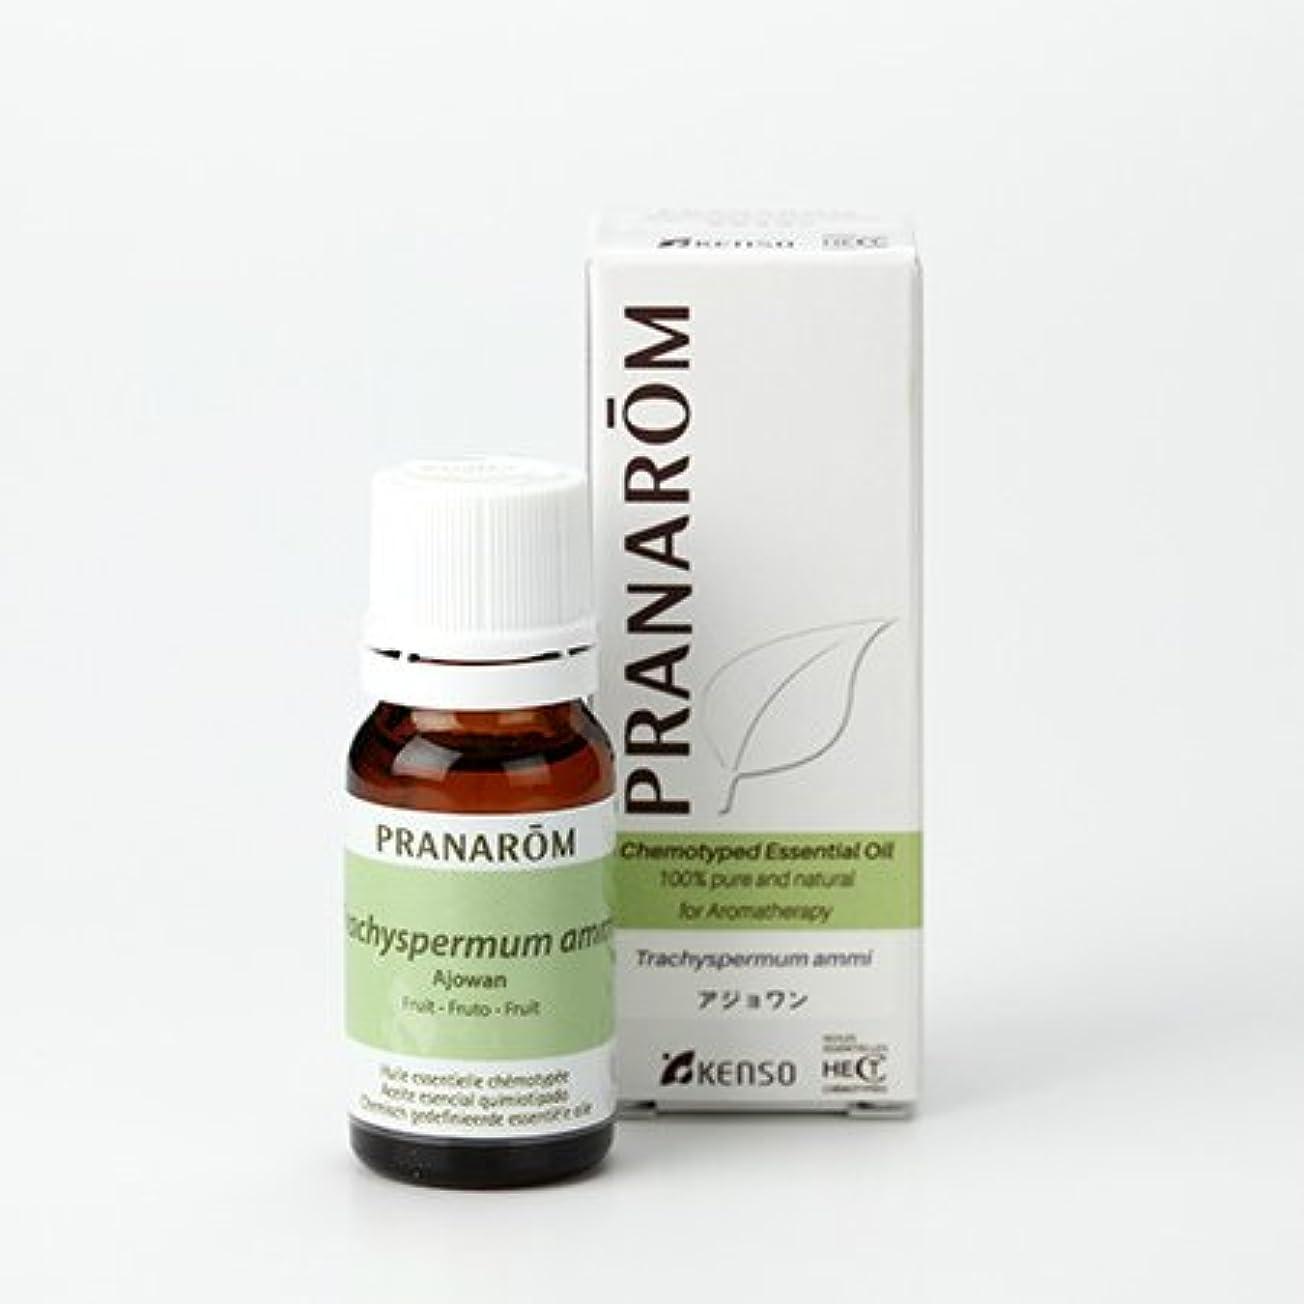 粉砕する既婚カウンタプラナロム アジョワン 10ml (PRANAROM ケモタイプ精油)